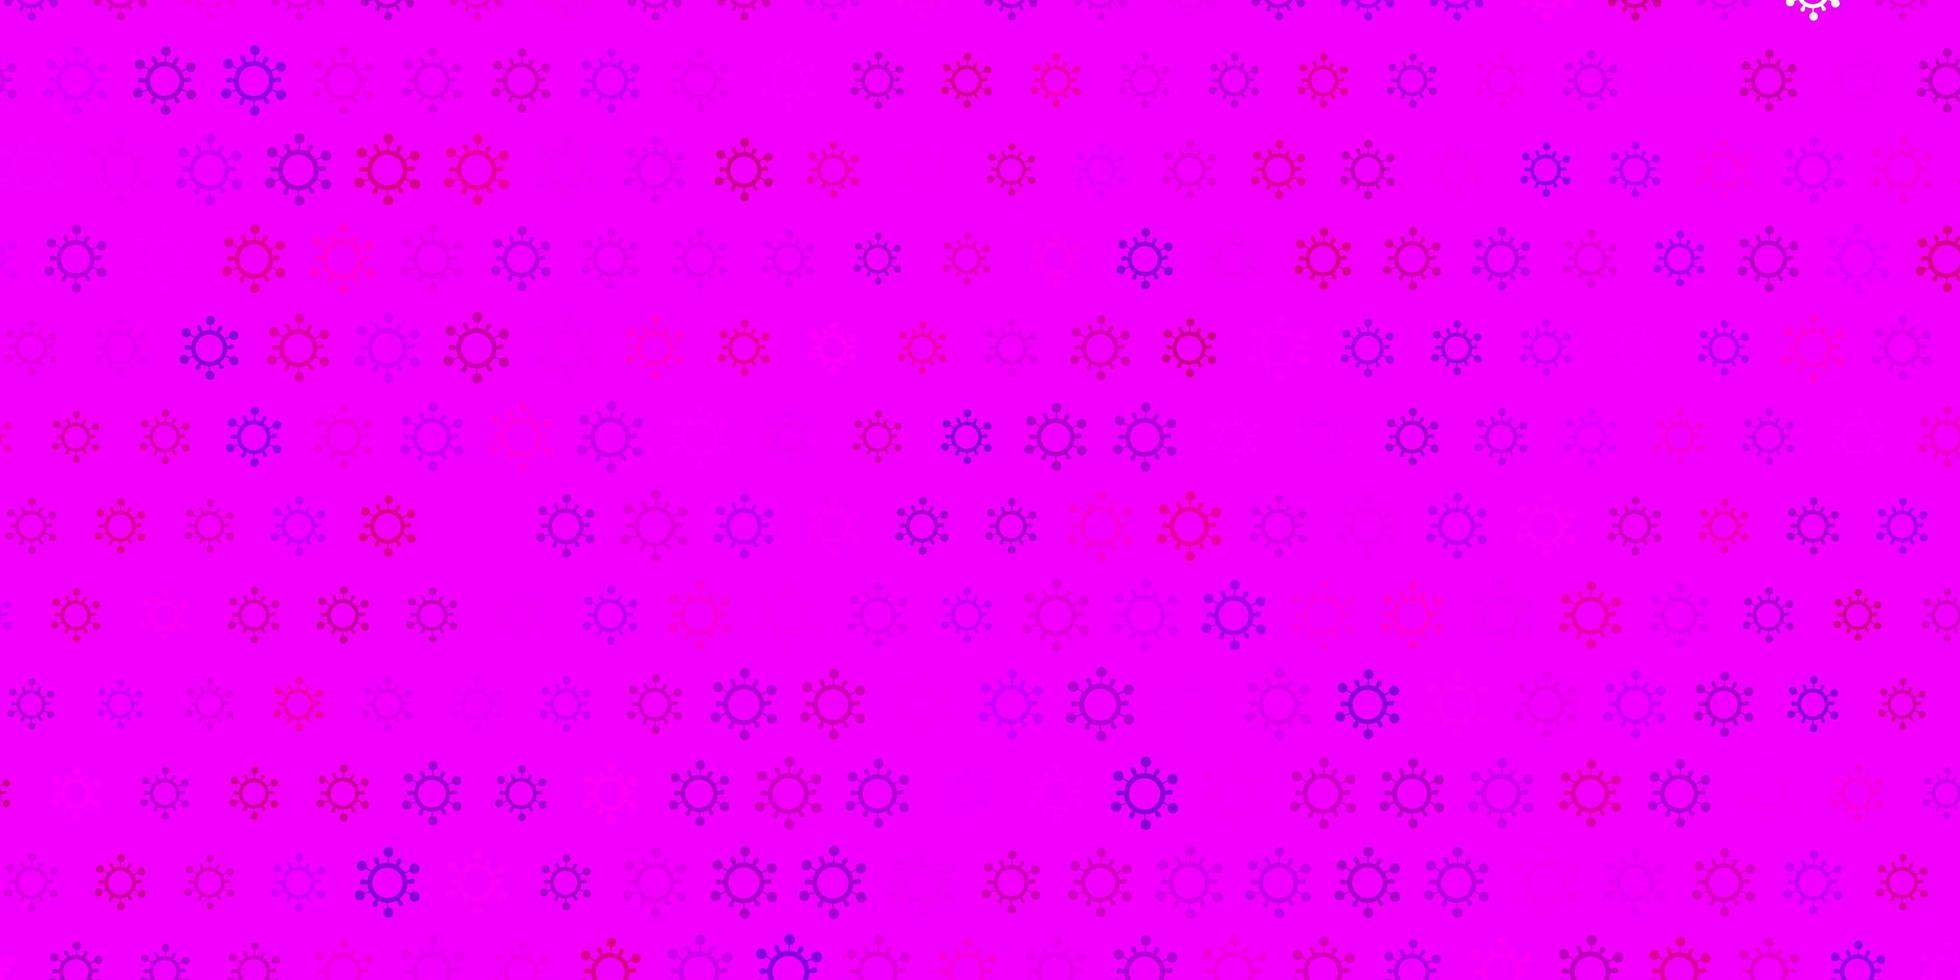 padrão de vetor rosa escuro com elementos de coronavírus.